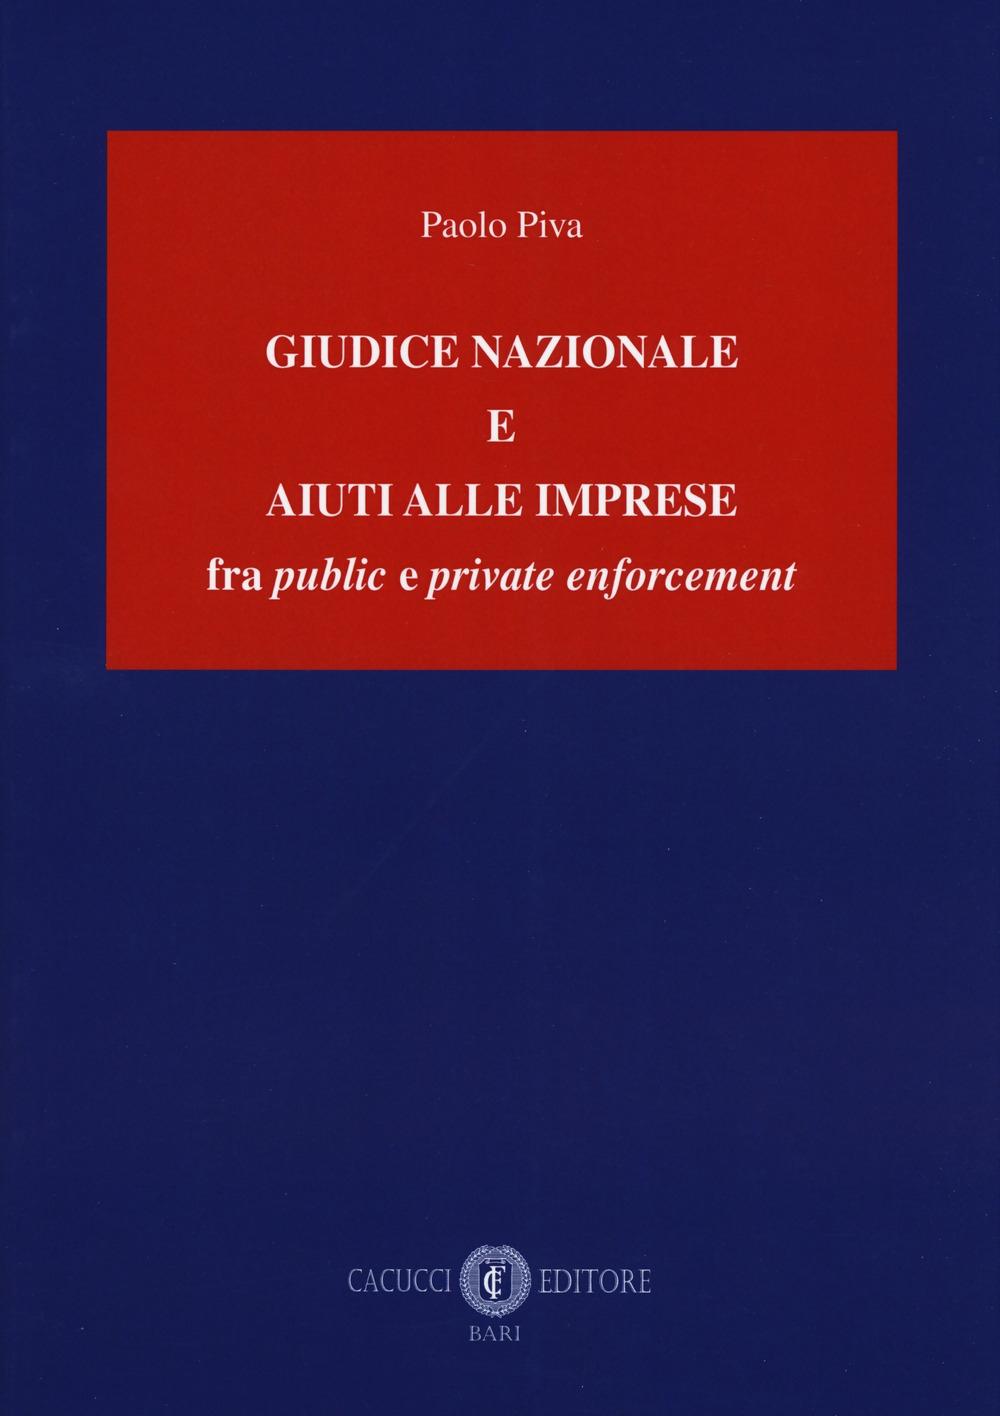 Giudice nazionale e aiuti alle imprese fra public e private enforcement